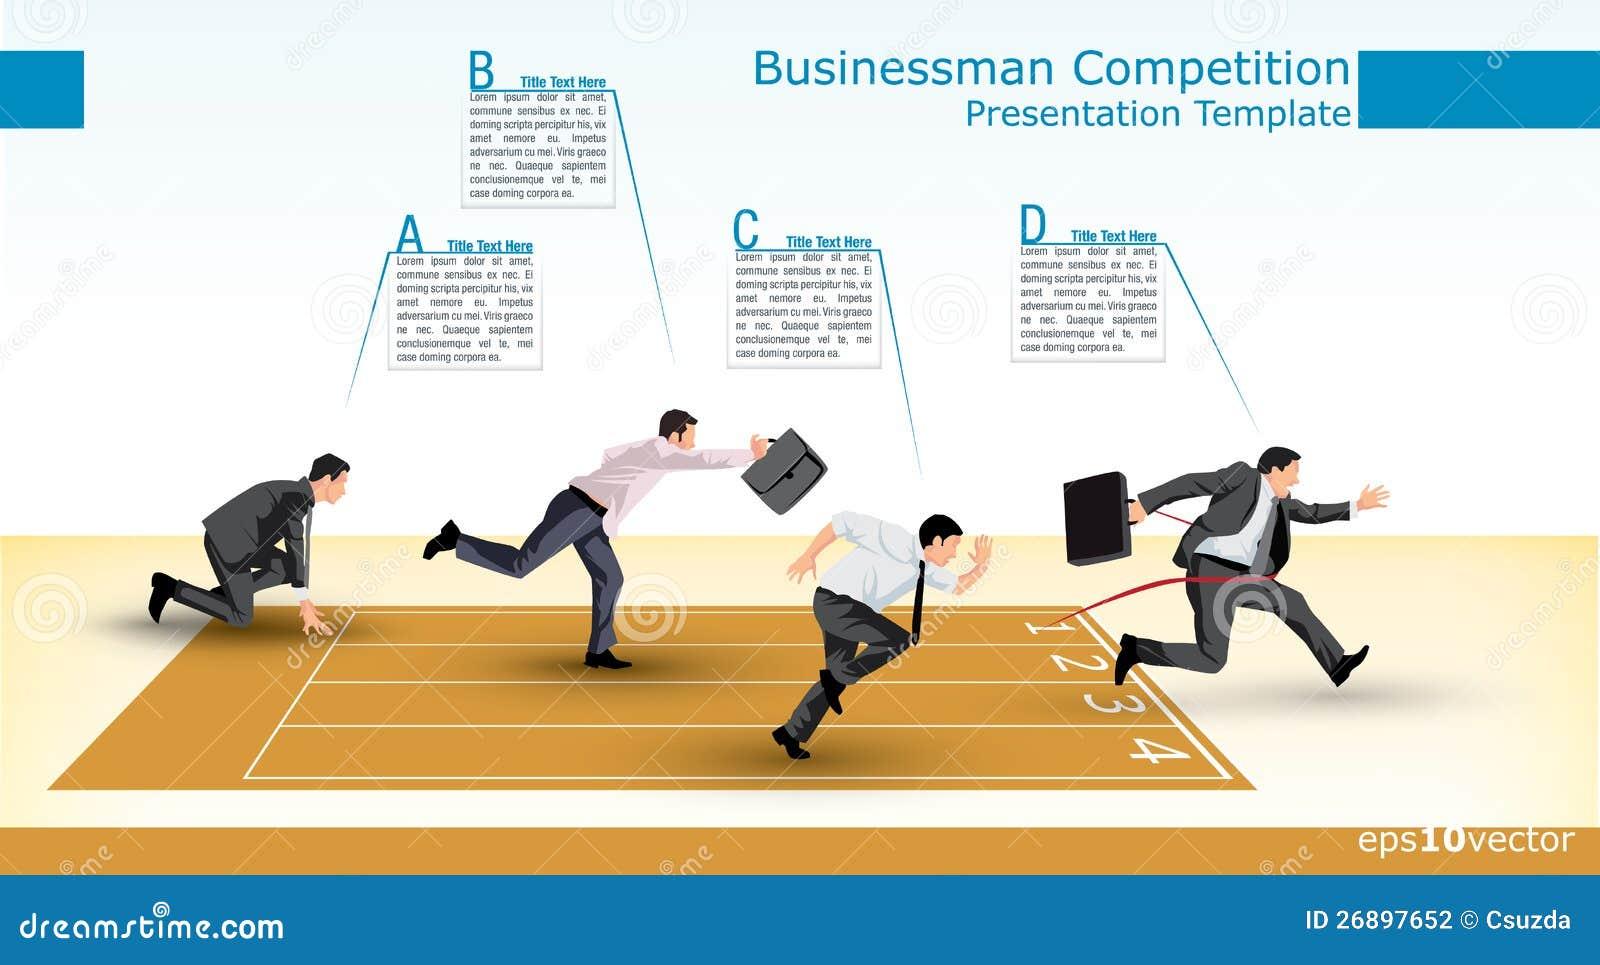 Πρότυπο παρουσίασης ενός επιχειρησιακού ανταγωνισμού